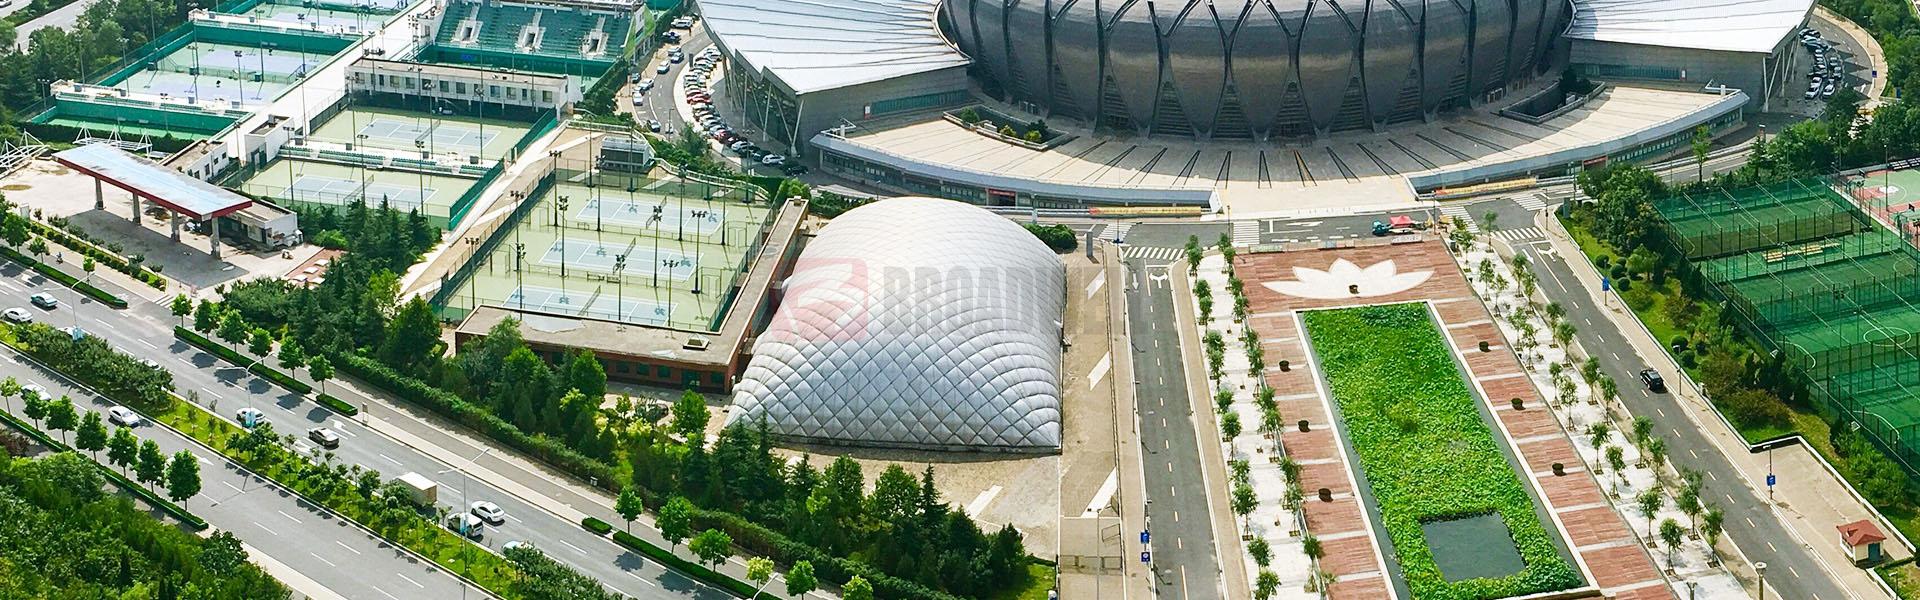 中国第一个室内气膜游泳馆——济南奥体中心气膜游泳馆